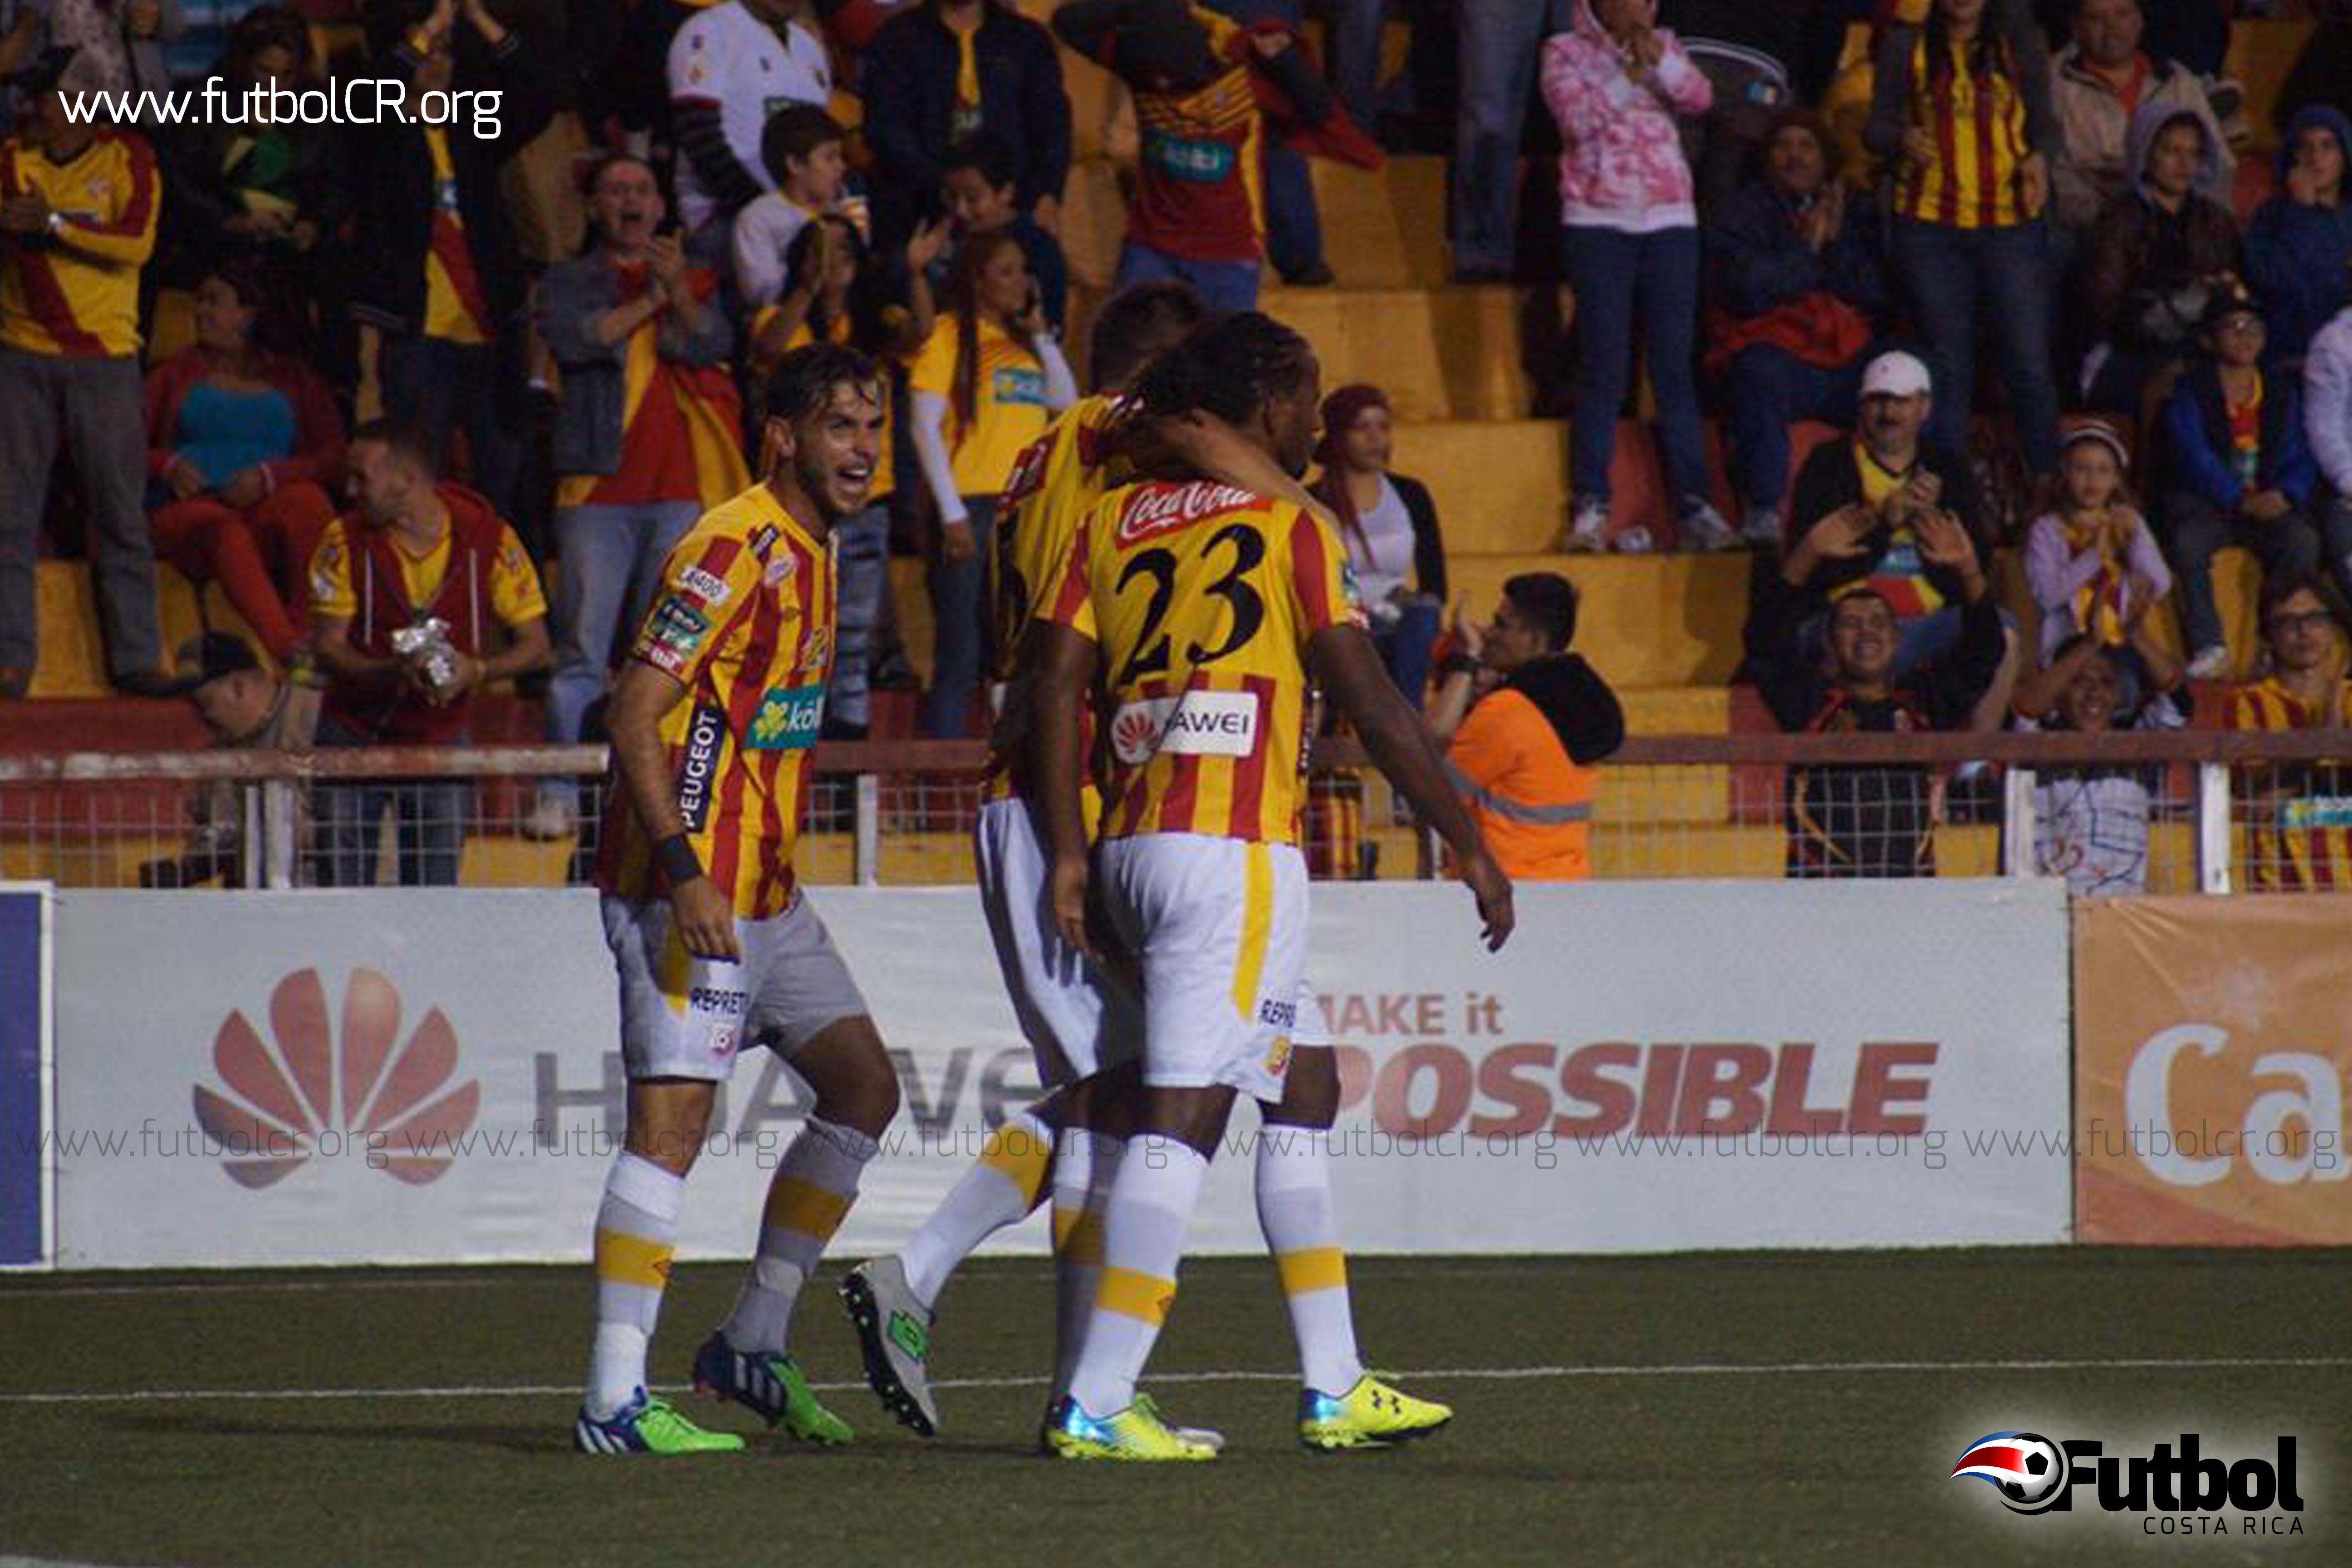 Cuatro tantos le aseguraron el segundo lugar en la tabla de posiciones a los florenses. Fotografía de Adrián Escalante para Fútbol Costa Rica.